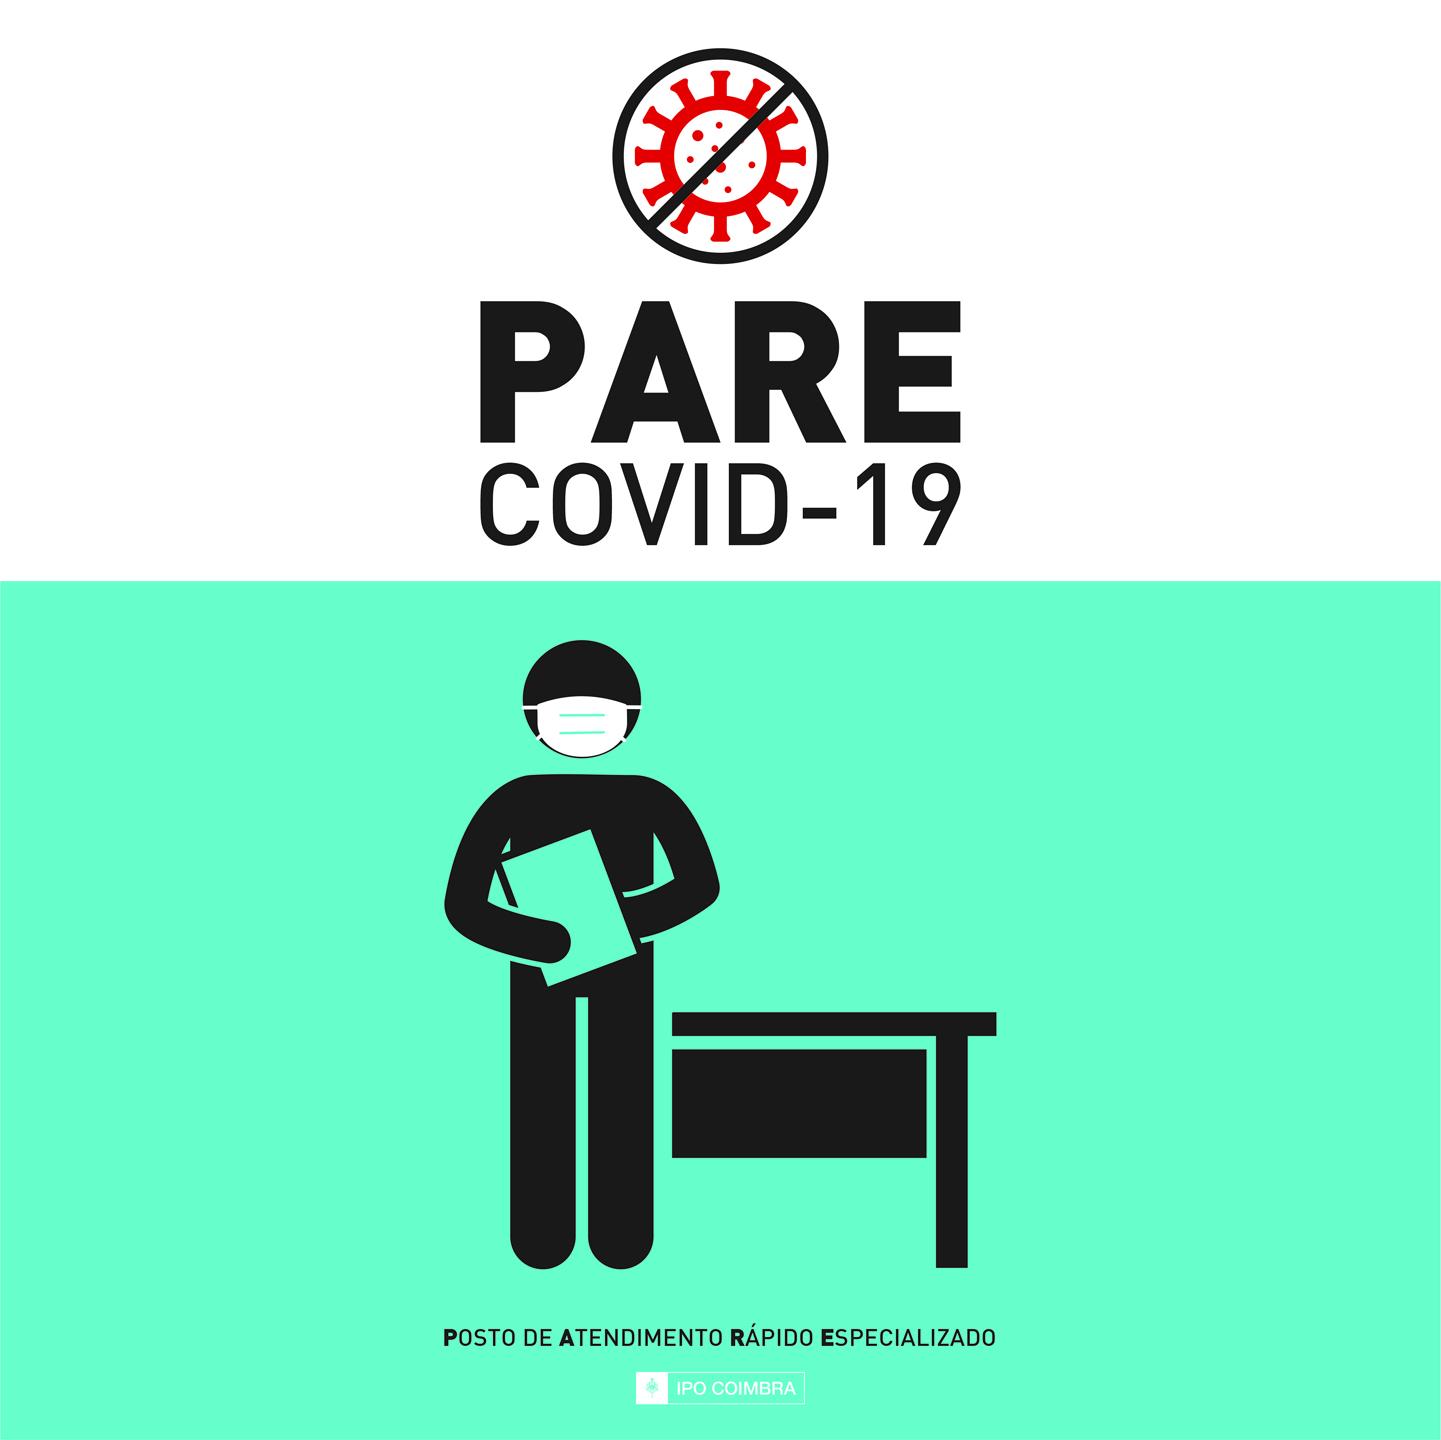 imagem do post do 3292Posto PARE COVID-19